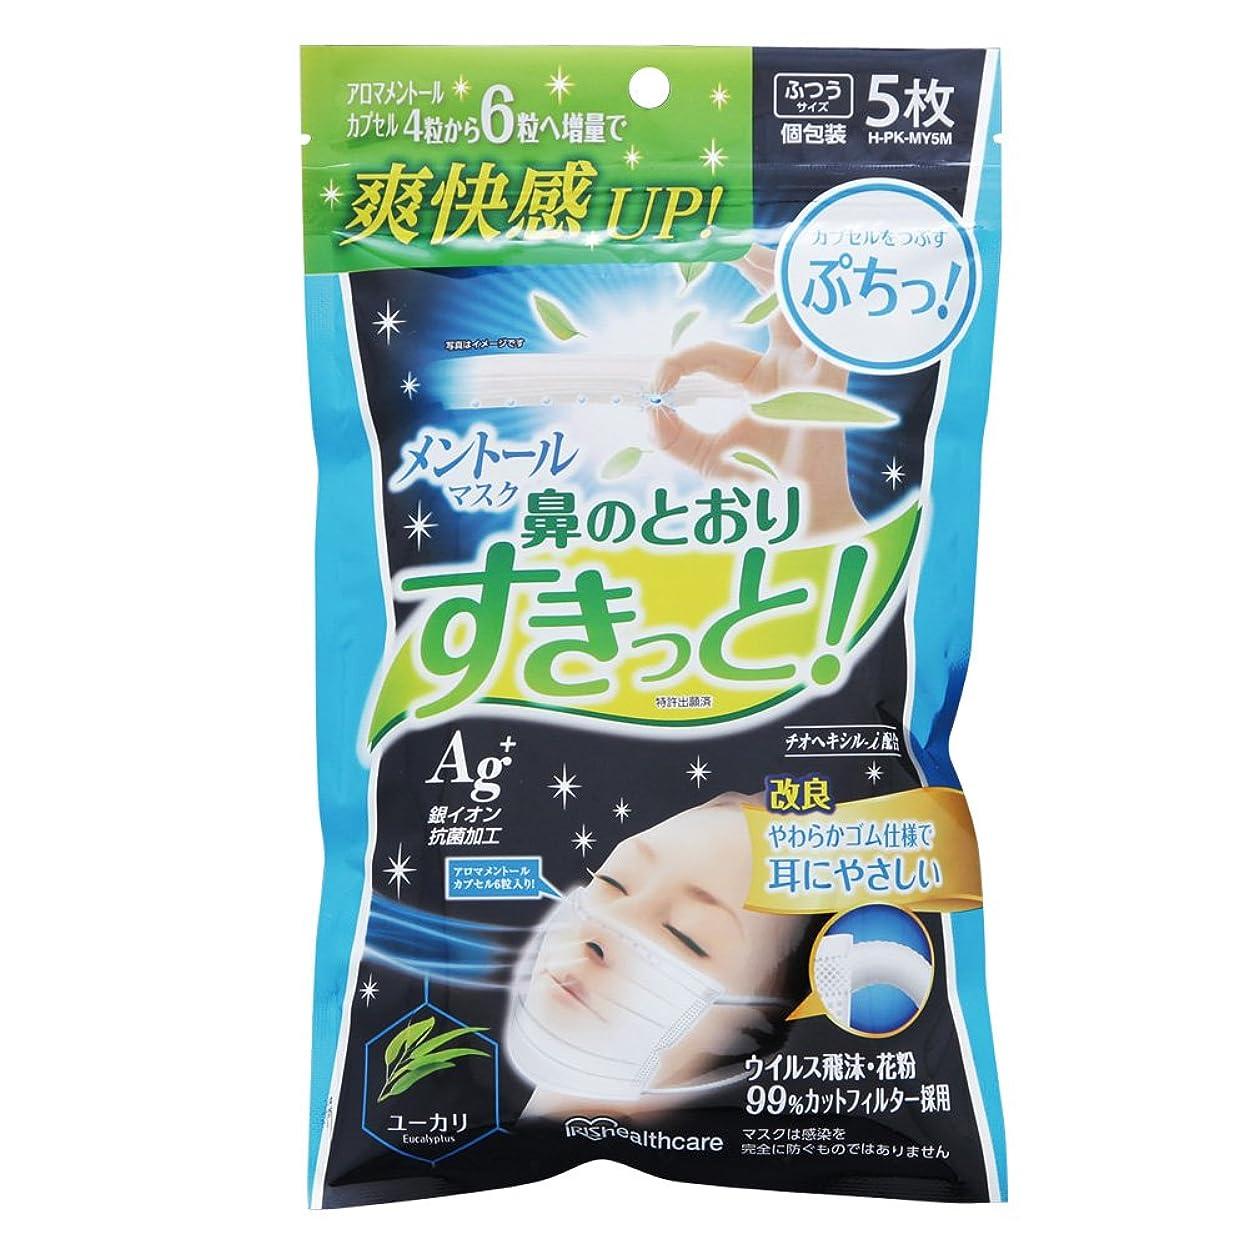 拍車汚れた動物アイリスオーヤマ マスク メントール ユーカリ 香り ふつう 5枚入 個包装 H-PK-MY5M